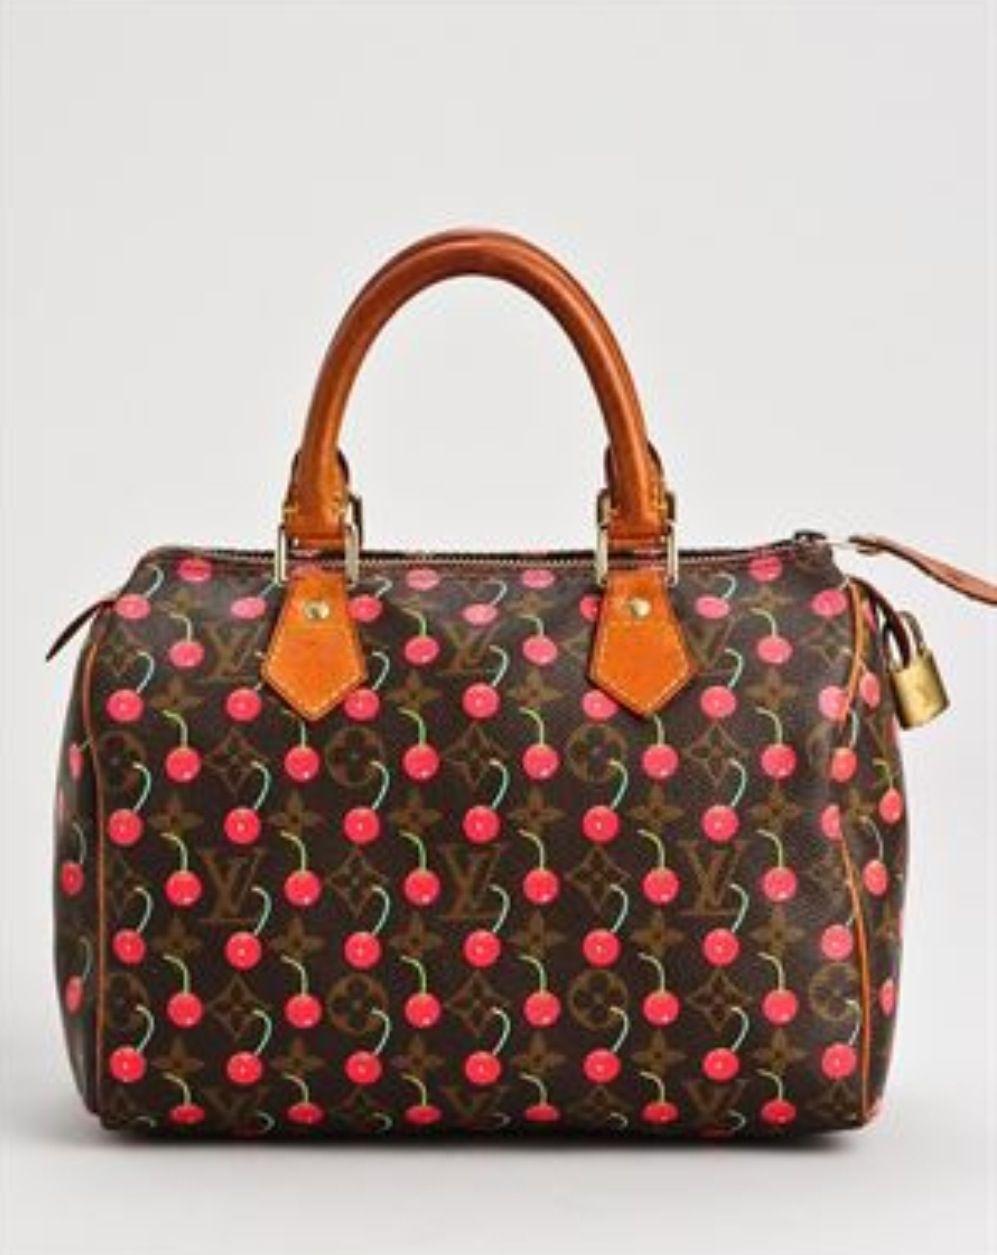 f487325cb95 Cherry LV Louis Vuitton Shop